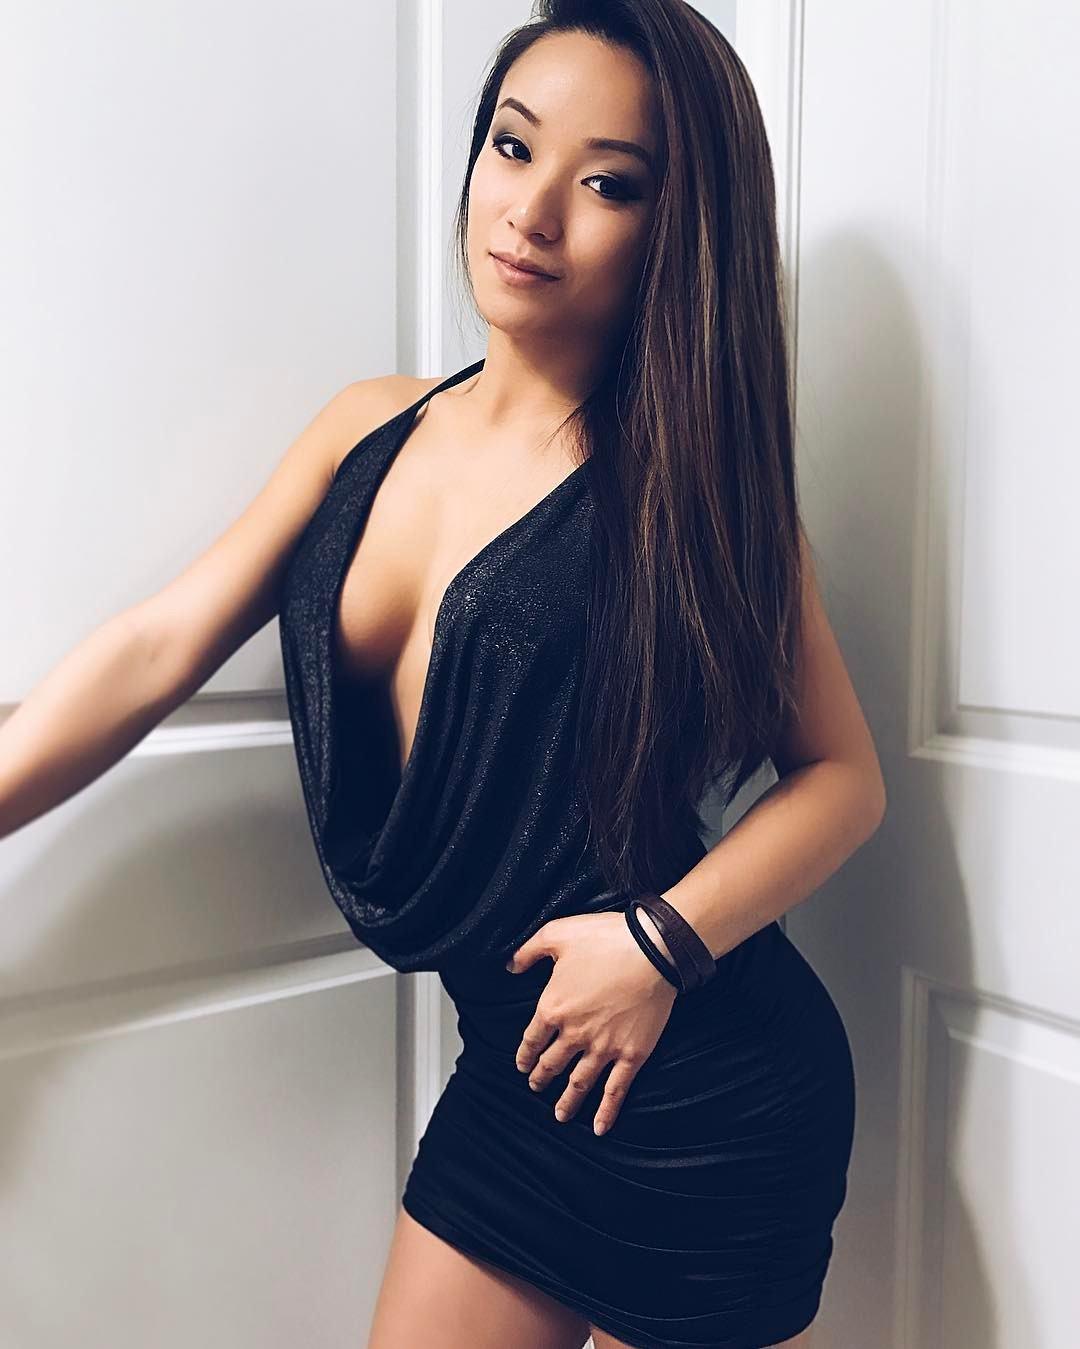 Ngắm Vẻ Đẹp Ma Mị của Dương Mịch - Sexy Girls, Beauty